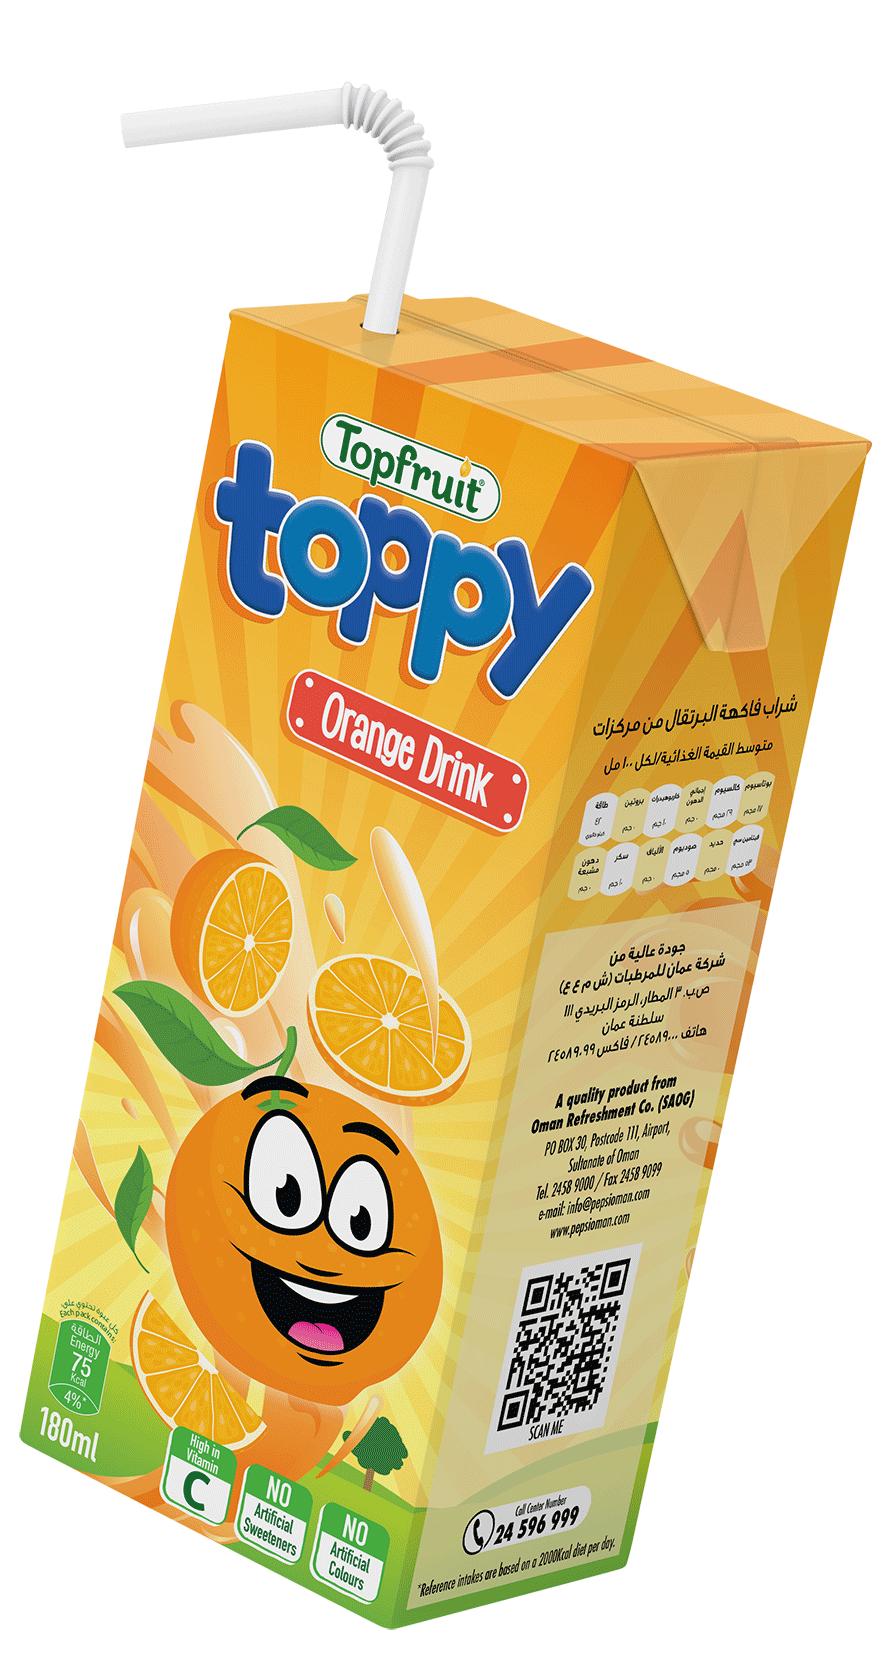 TopFruit Toppy Orange 180 ml